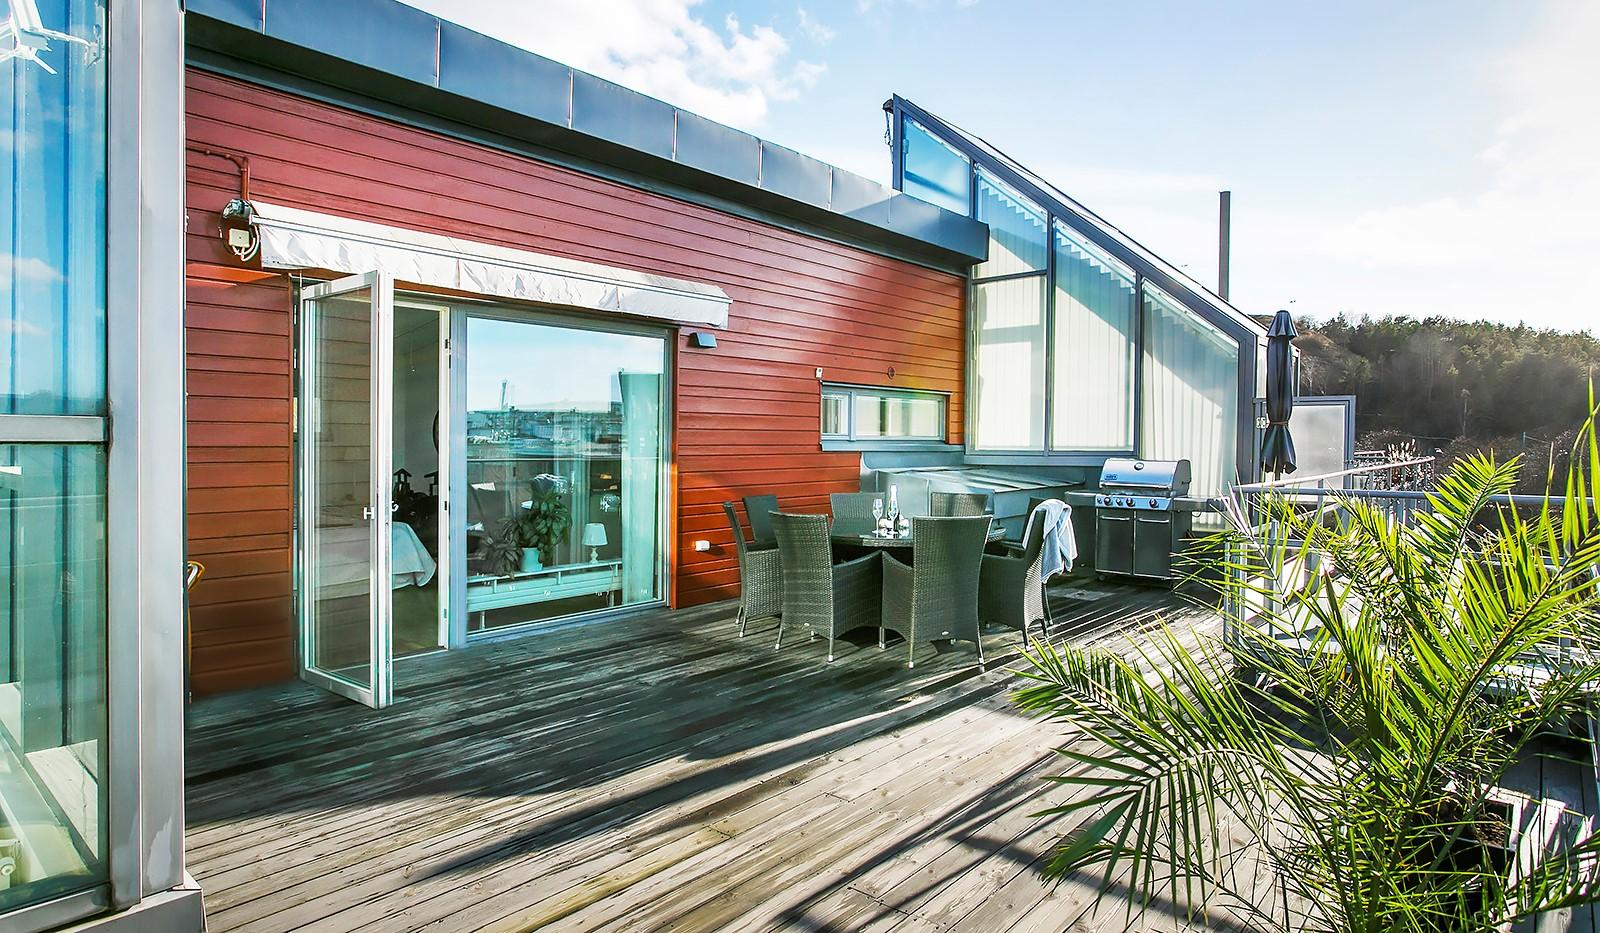 Sickla Kanalgata 64, vån 4 & 5 - Terrassen rymmer med enkelhet matplats, grill loungemöbler